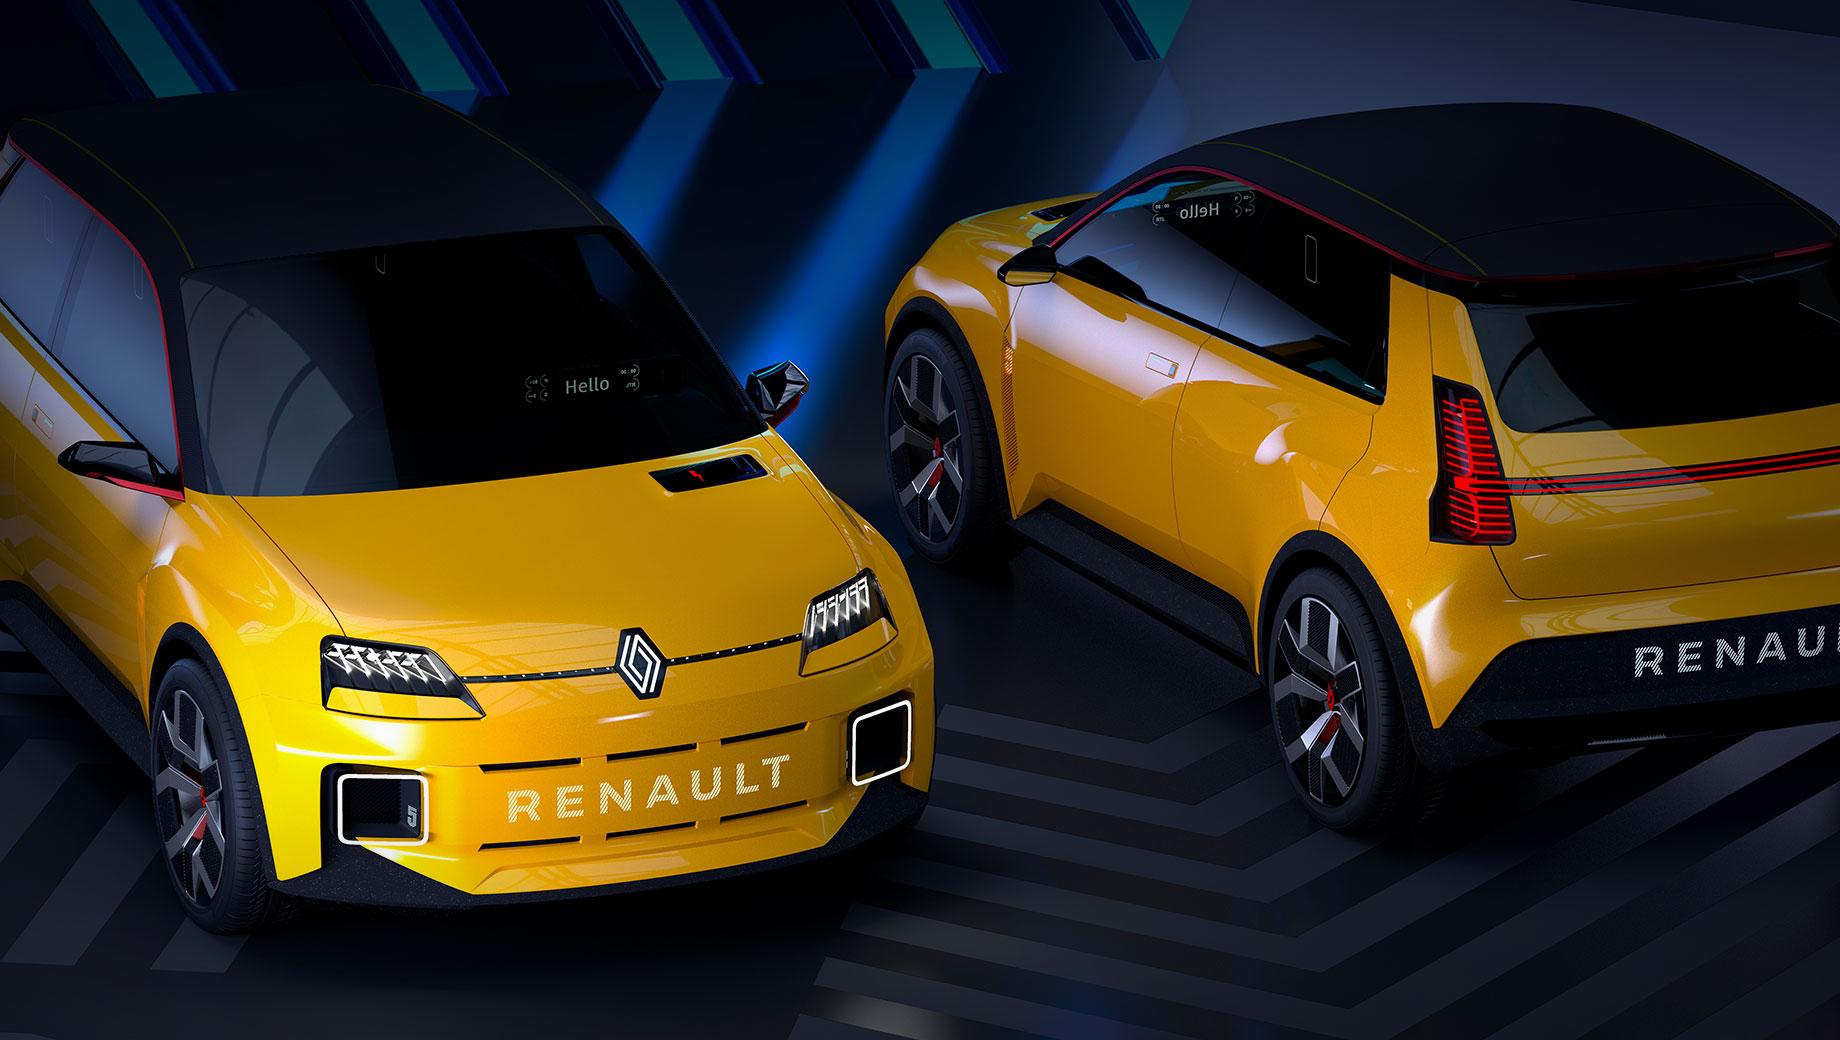 Renault twingo,Renault 5. Renault 5 Prototype был показан без интерьера и характеристик. Он считается реинкарнацией Renault 5 (1972–1996) и первым представителем «новой волны» (Nouvelle Vague), включающей 14 моделей: одна половина будет электрокарами, другая, с ДВС, обоснуется в сегментах C и D.